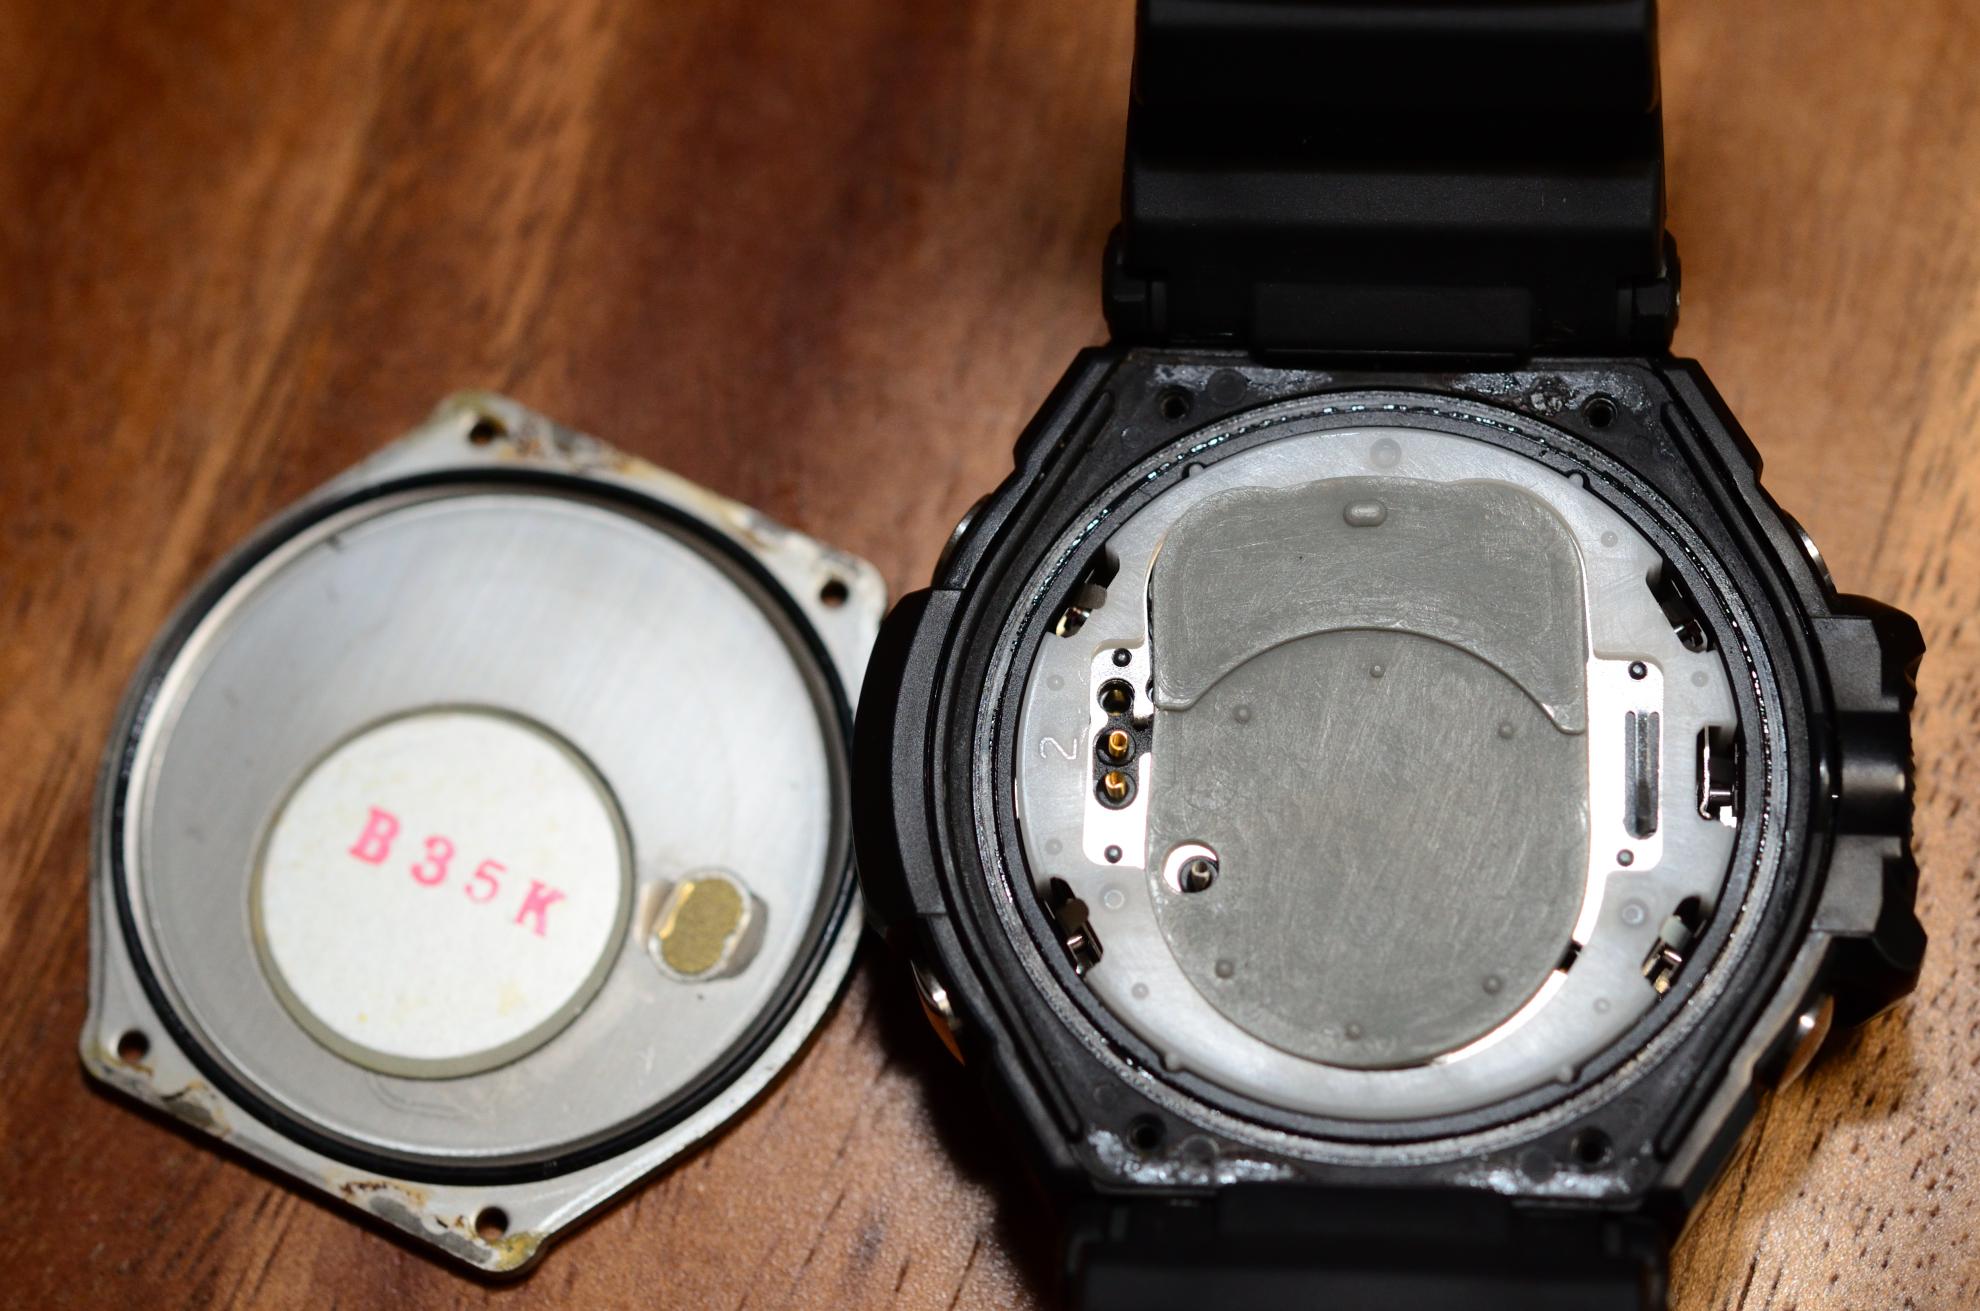 GA-1100-1AJFの電池交換すぅ、すっぞ!